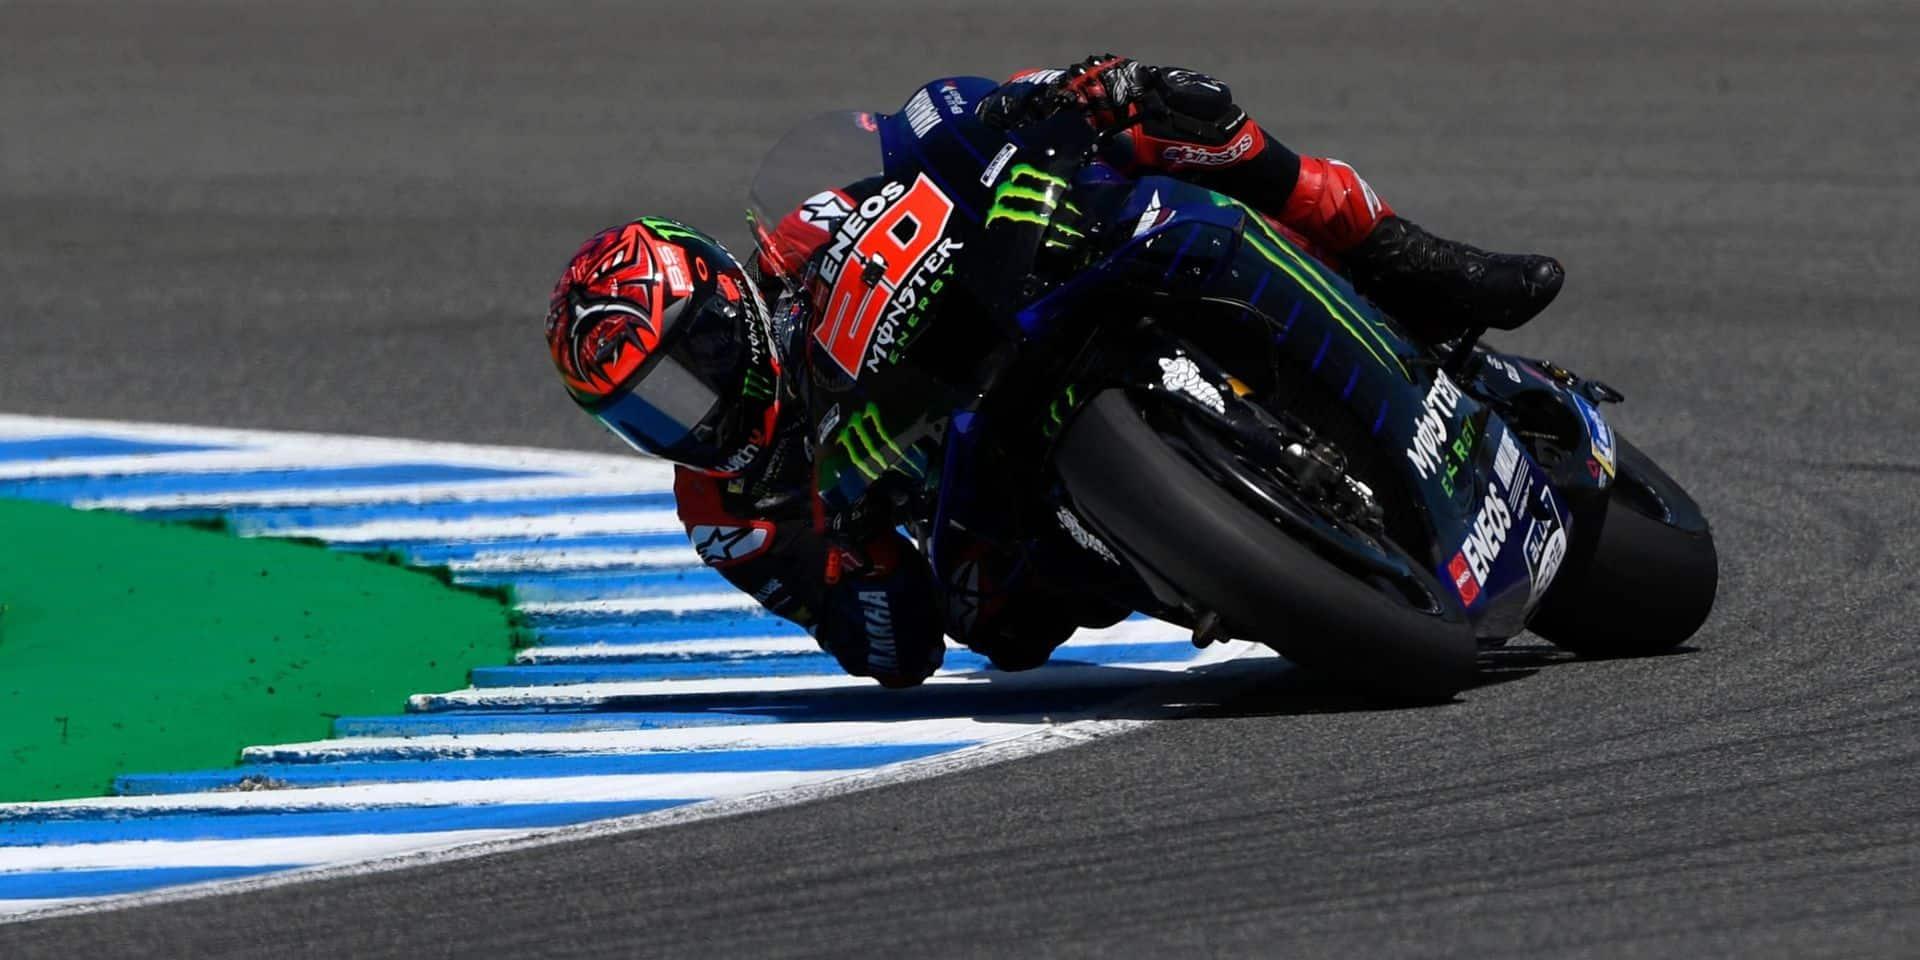 MotoGP: Leader du championnat, Quartararo (Yamaha) en pole position au Grand Prix d'Espagne